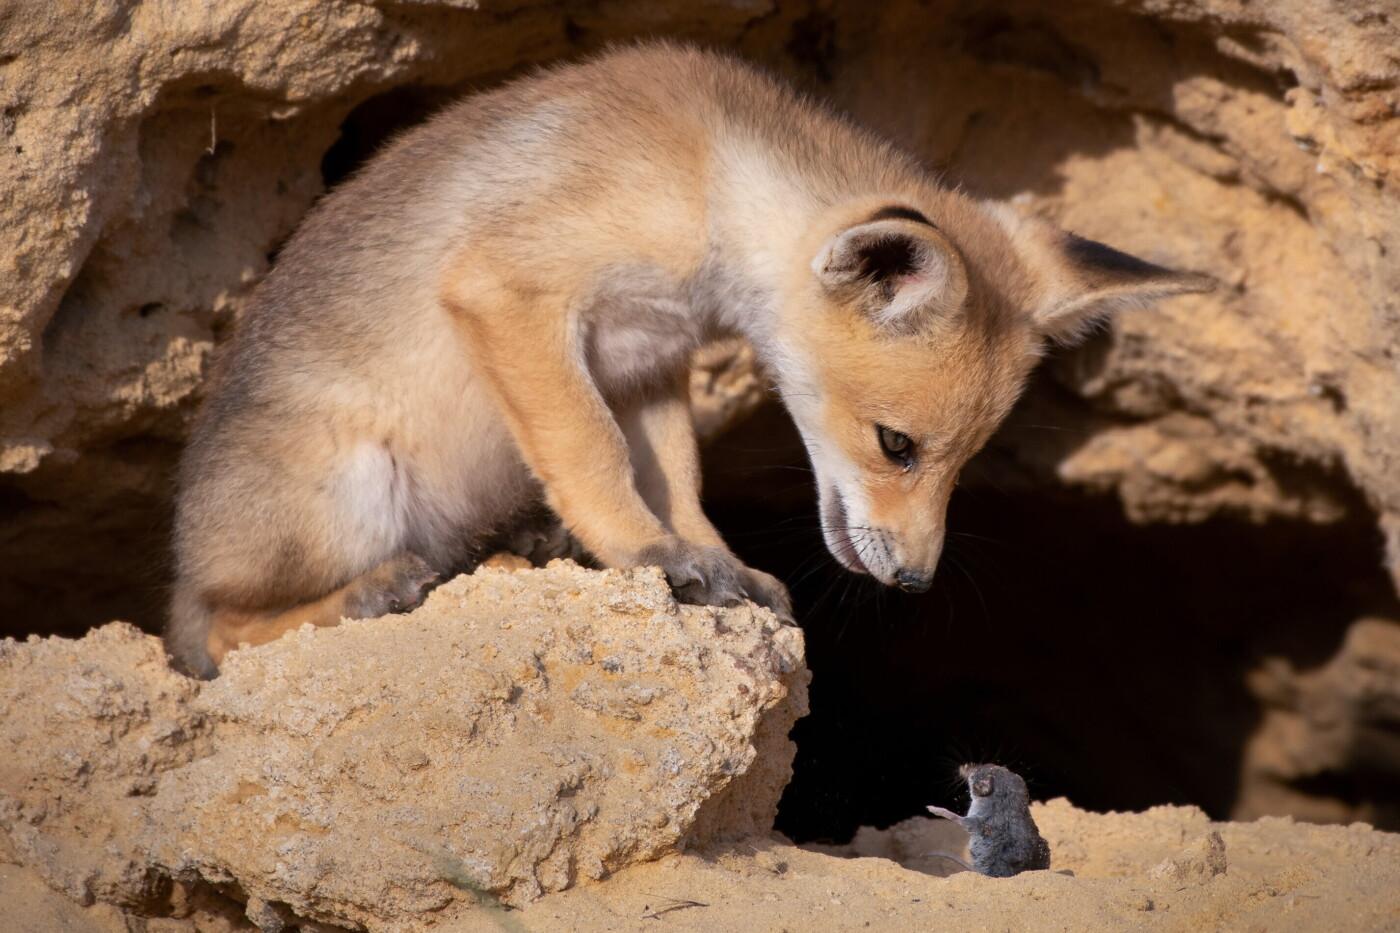 Премия комедийной фотографии дикой природы-2020 объявила призёров